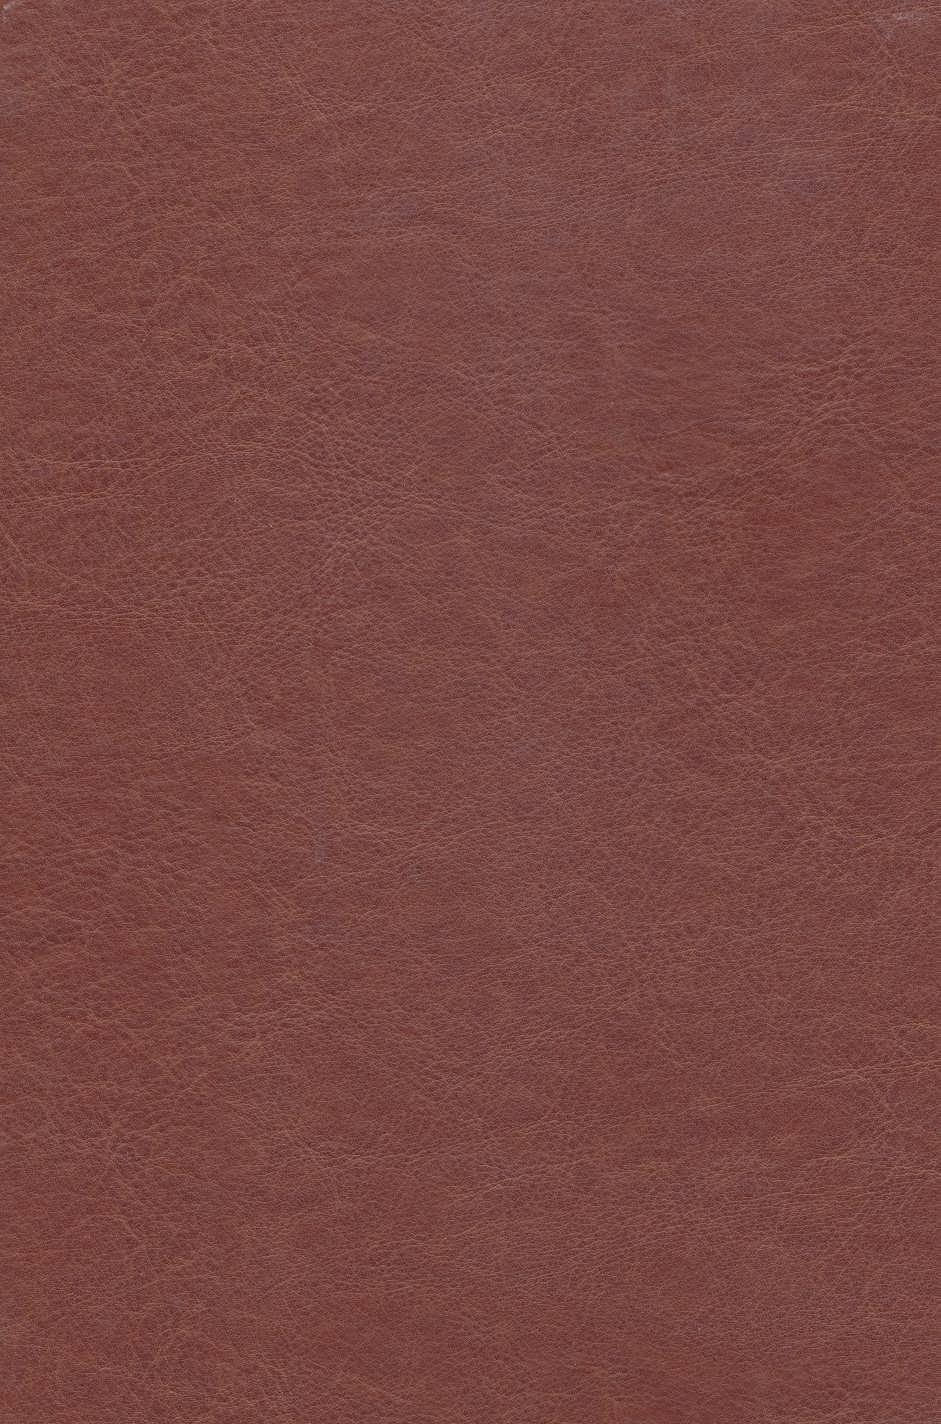 گلستان سعدی (گلاسه،باقاب،چرم،لیزری)